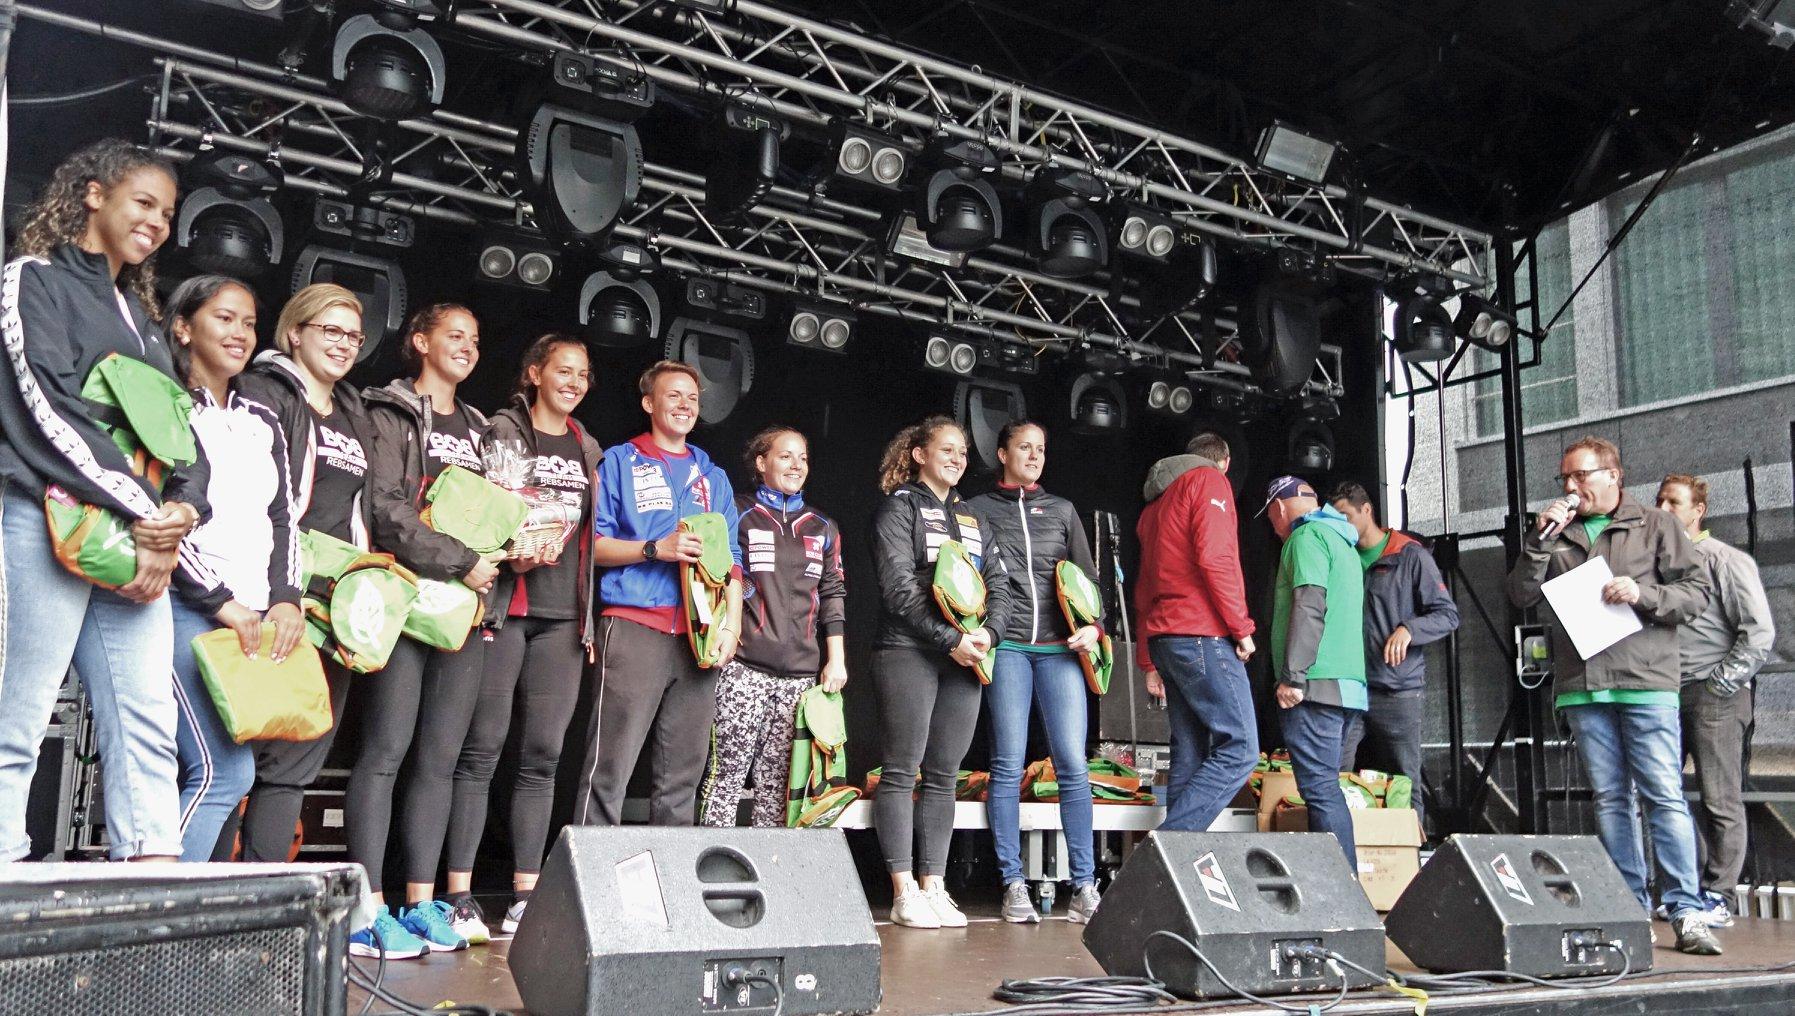 Irina Strebel und Martina Fontanive bei der Siegerehrung.